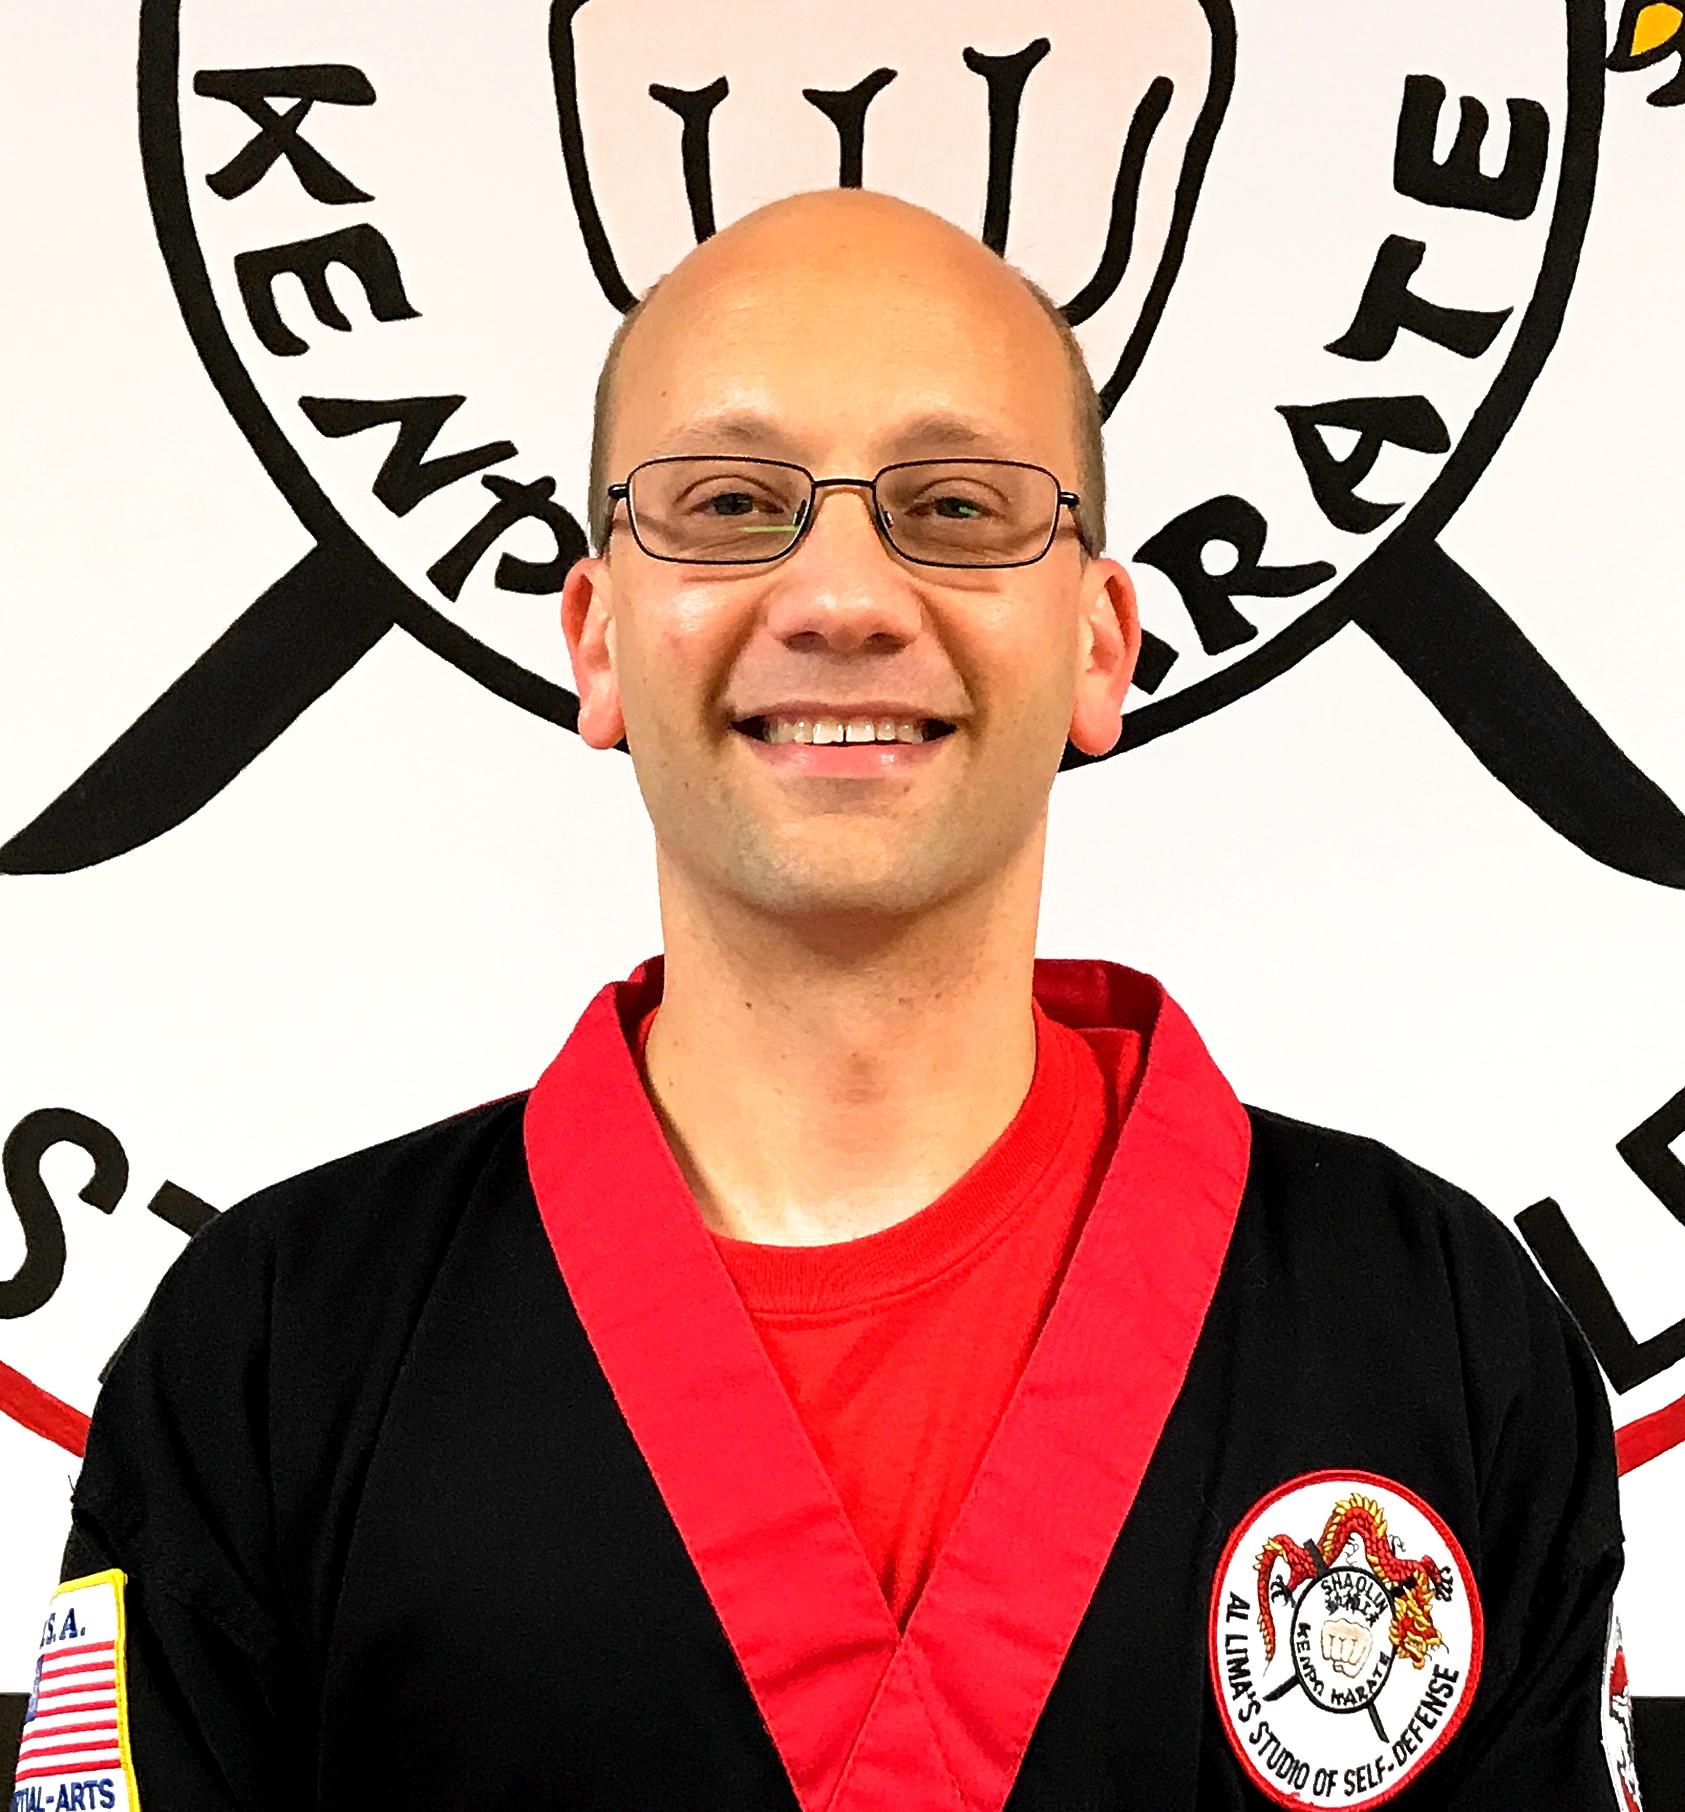 Derrick Schommer